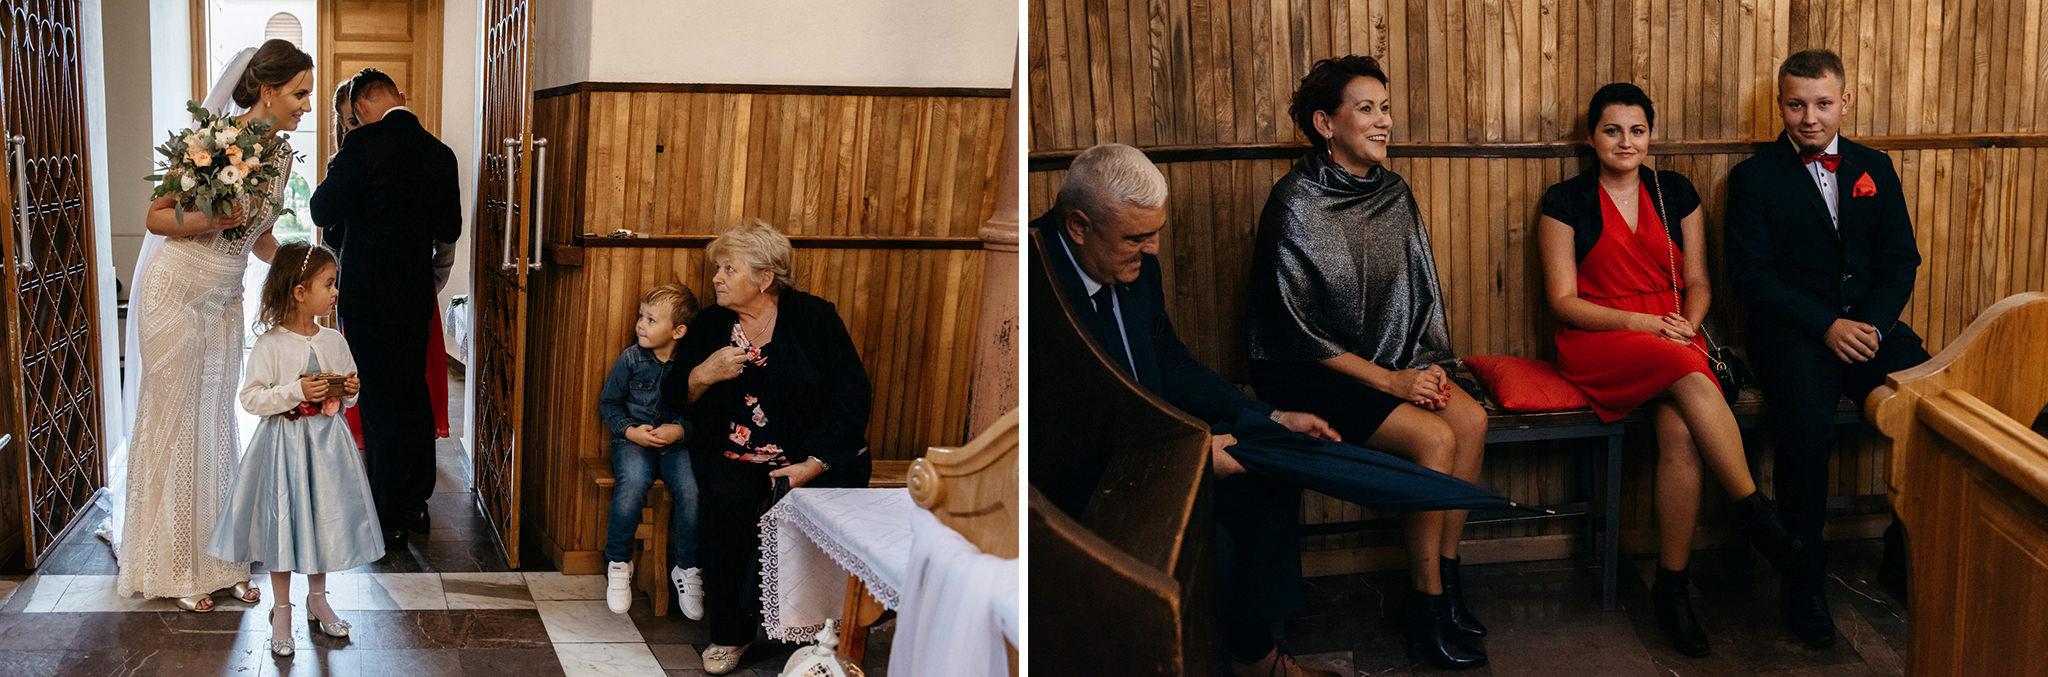 Iza i Dawid | Stylowy ślub z niesamowitą energią 38